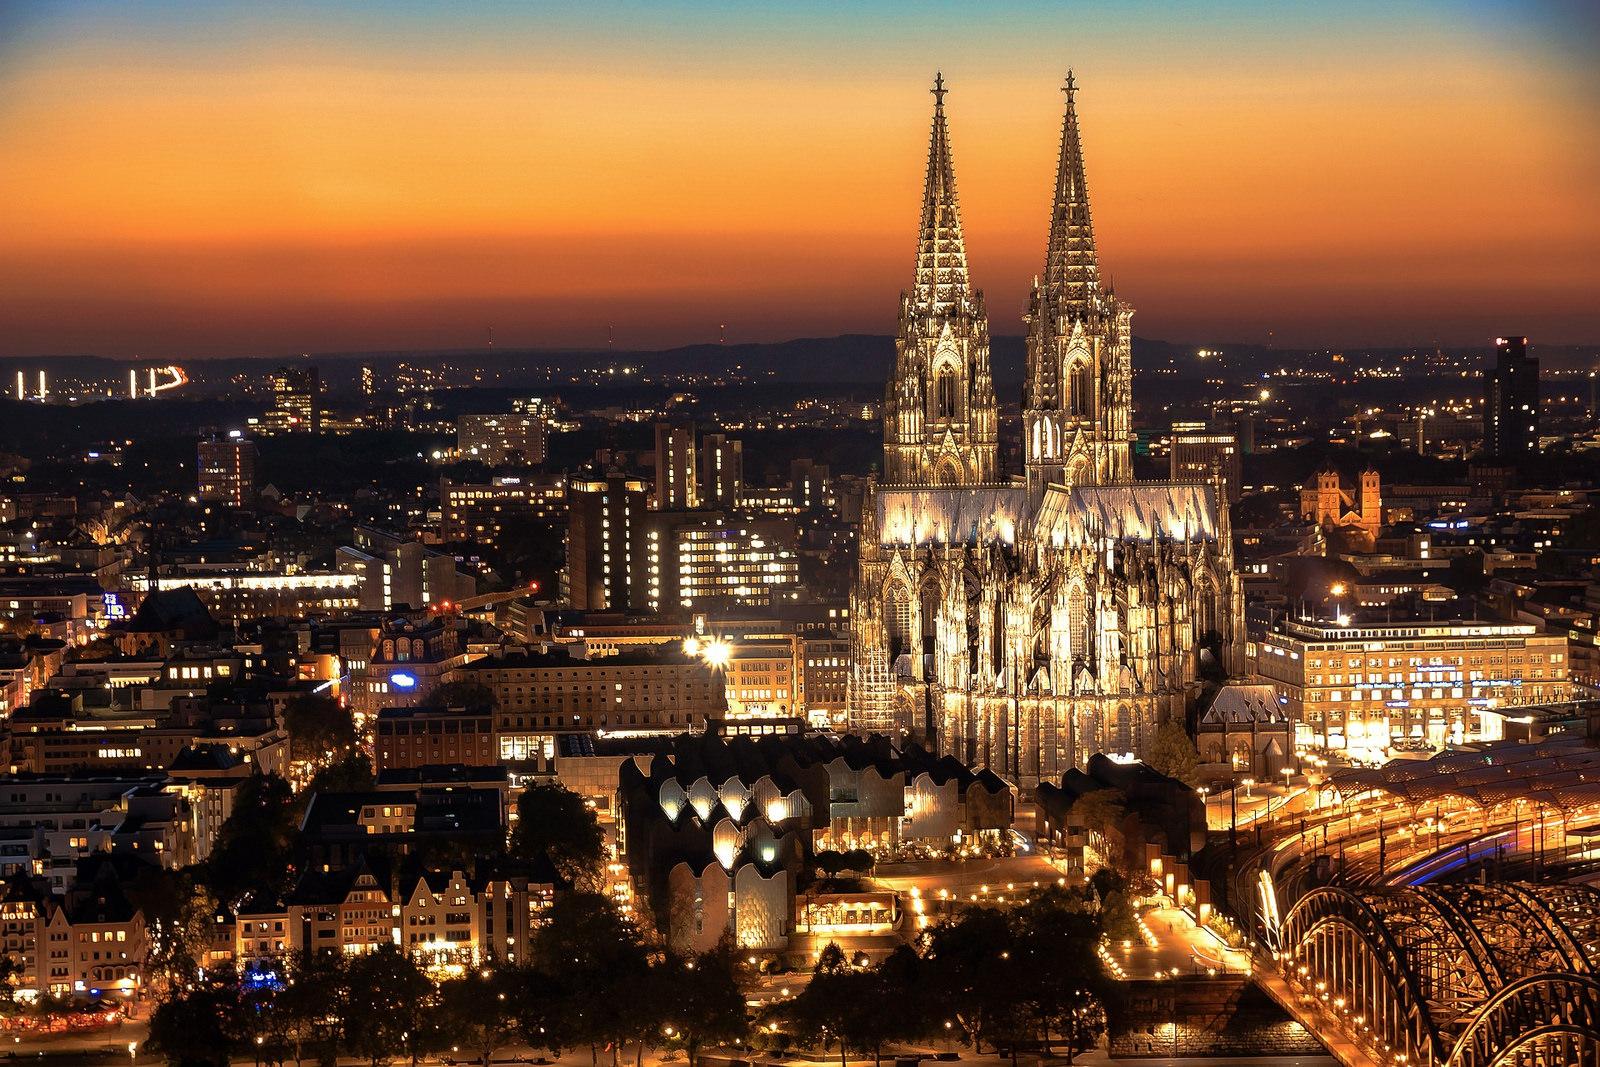 Kerstmarkt Keulen De Mooiste Kerstmarkt Van Duitsland Goedkoop